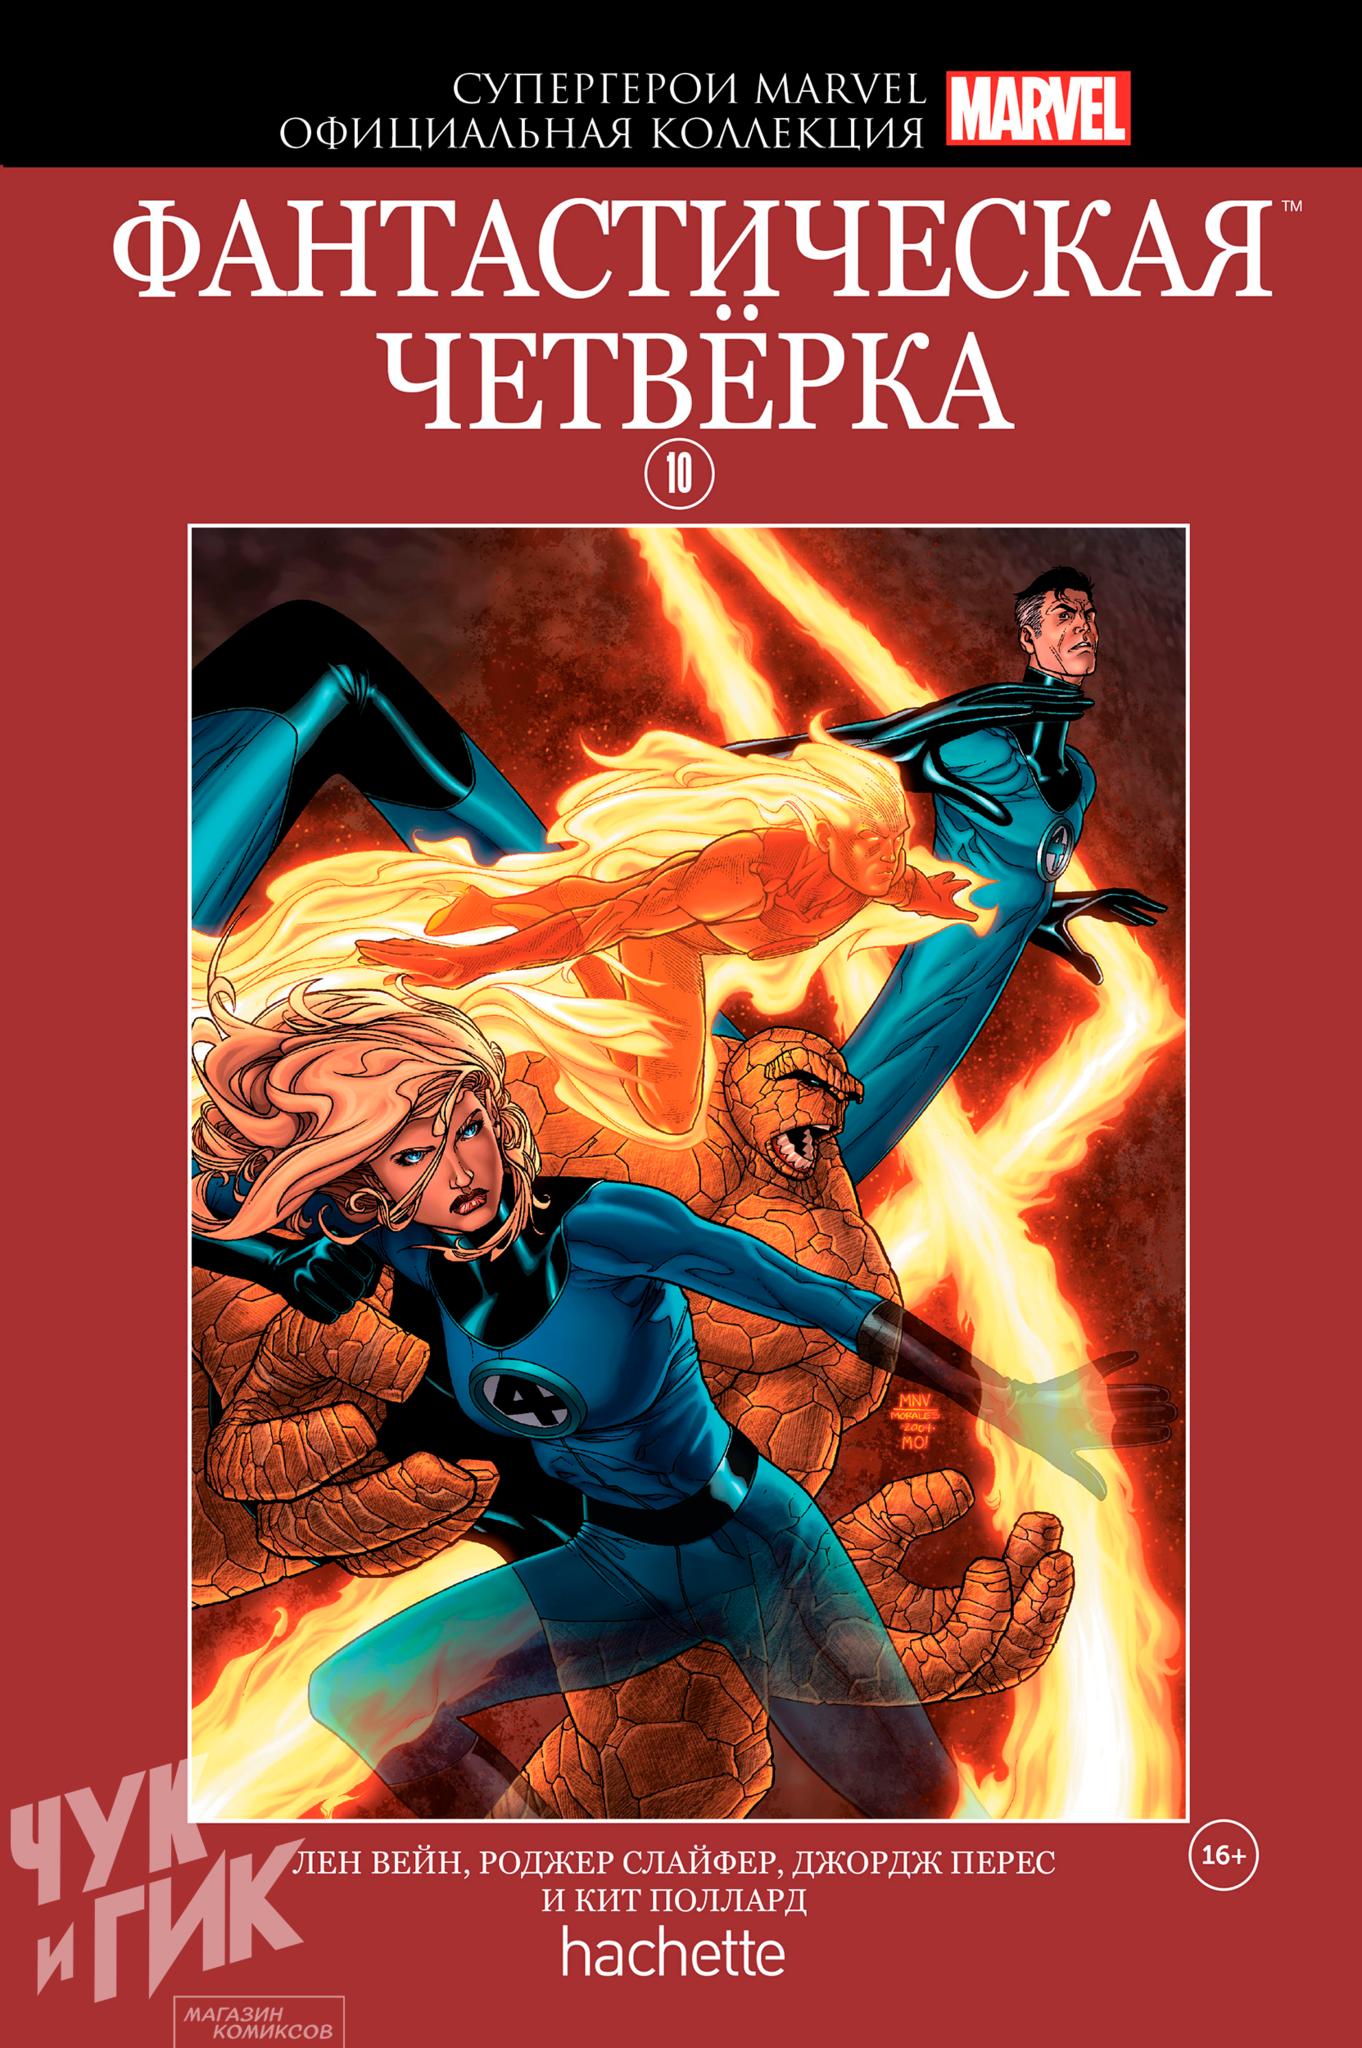 Супергерои Marvel. Официальная коллекция №10. Фантастическая Четвёрка